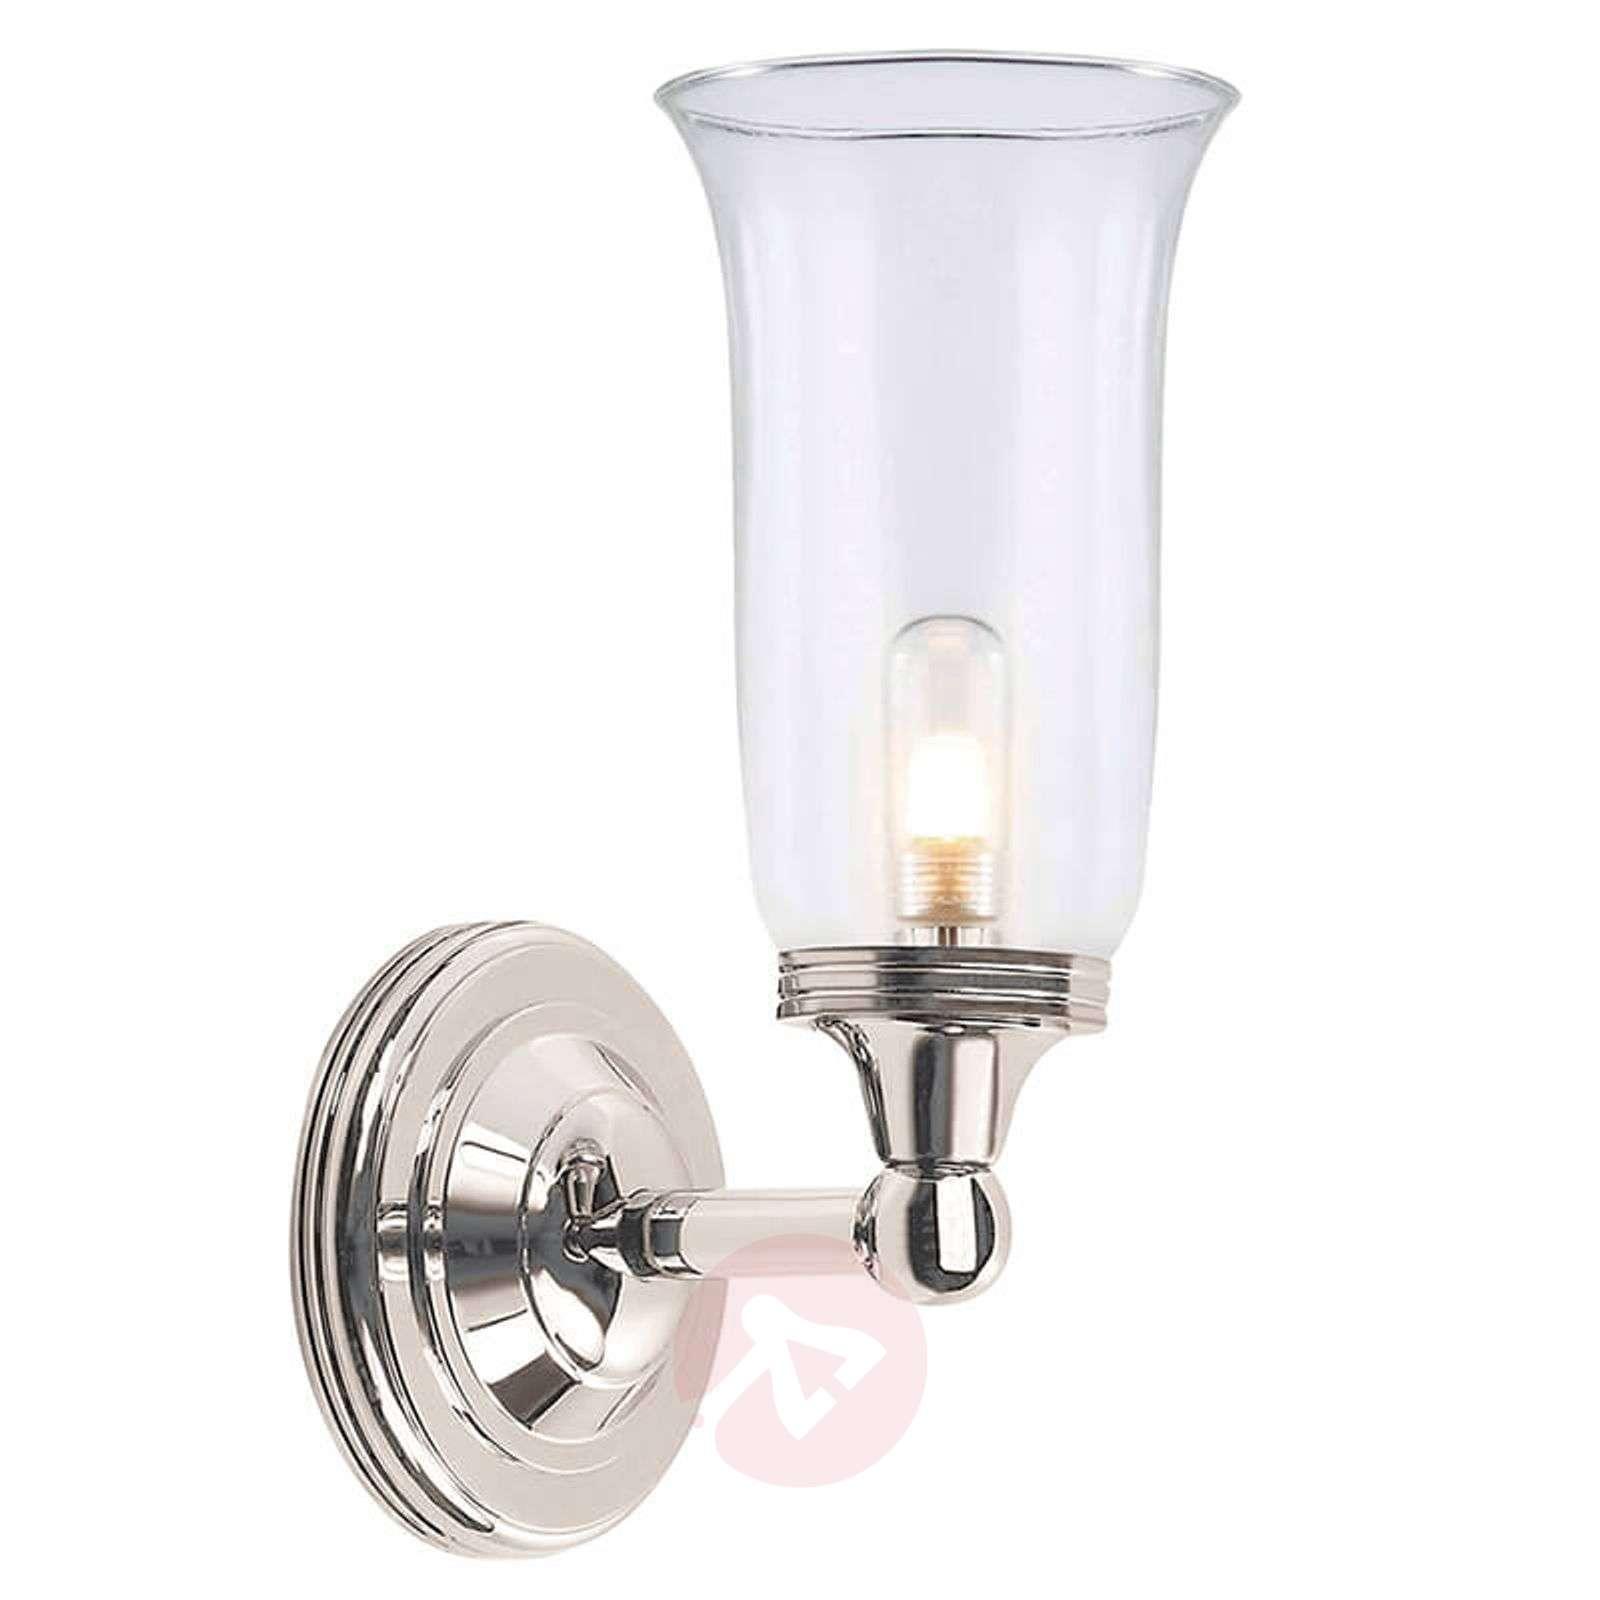 Sileä lasi – Austen 2-kylpyhuonevalaisin, nikkeli-3048660-01